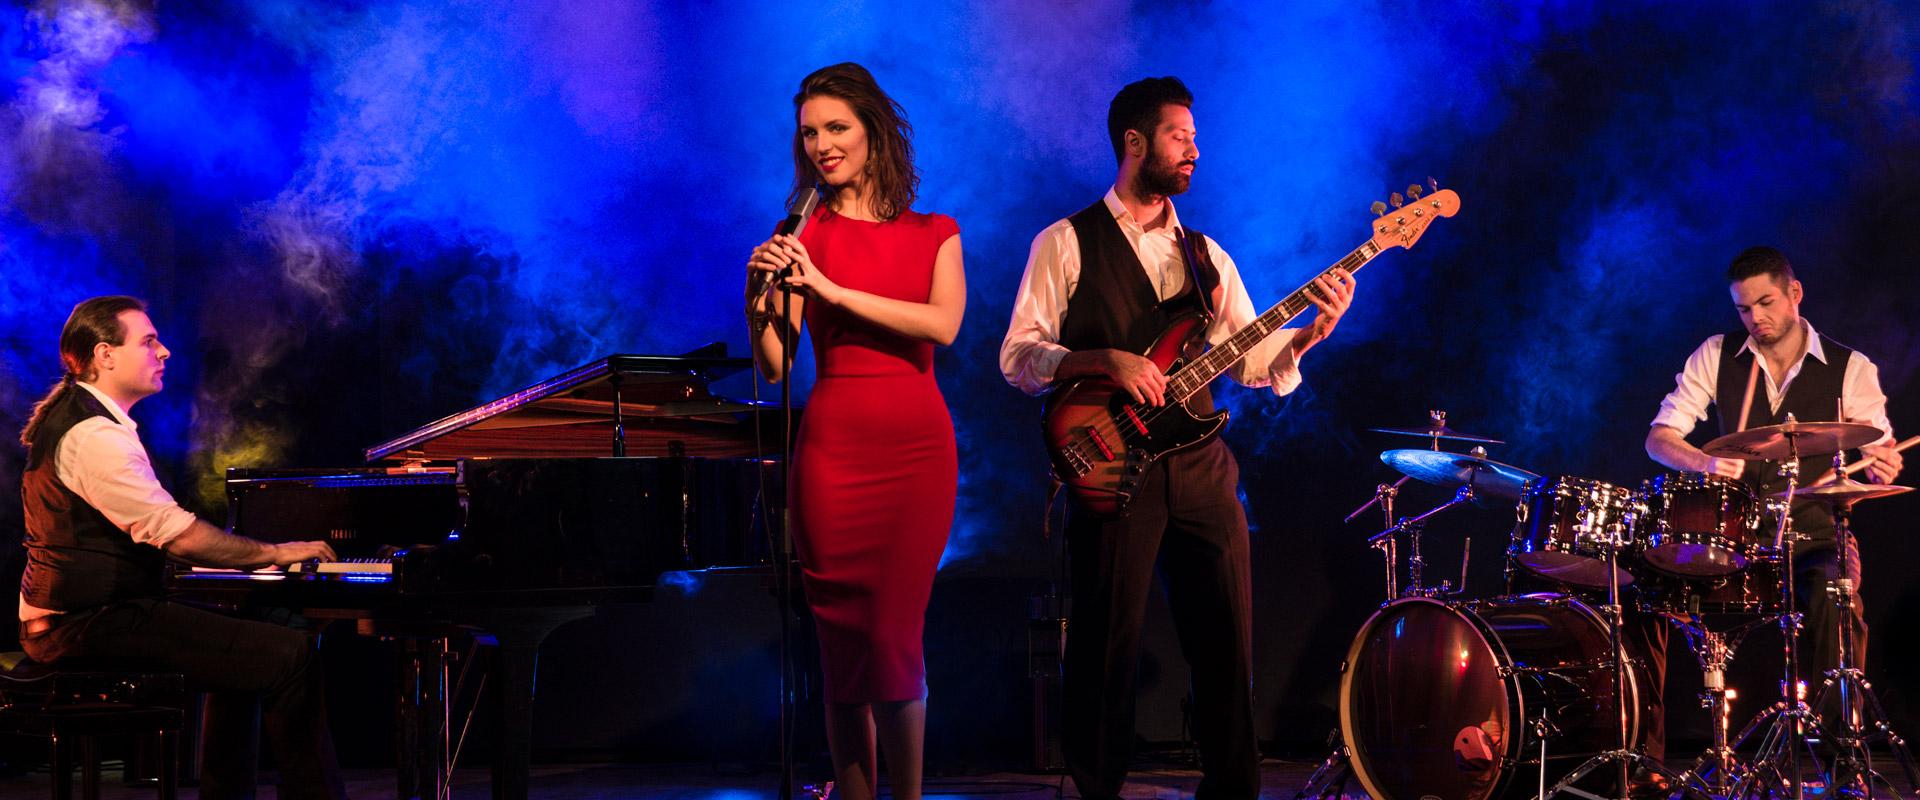 Jazzband kindofblue Hintergrund live